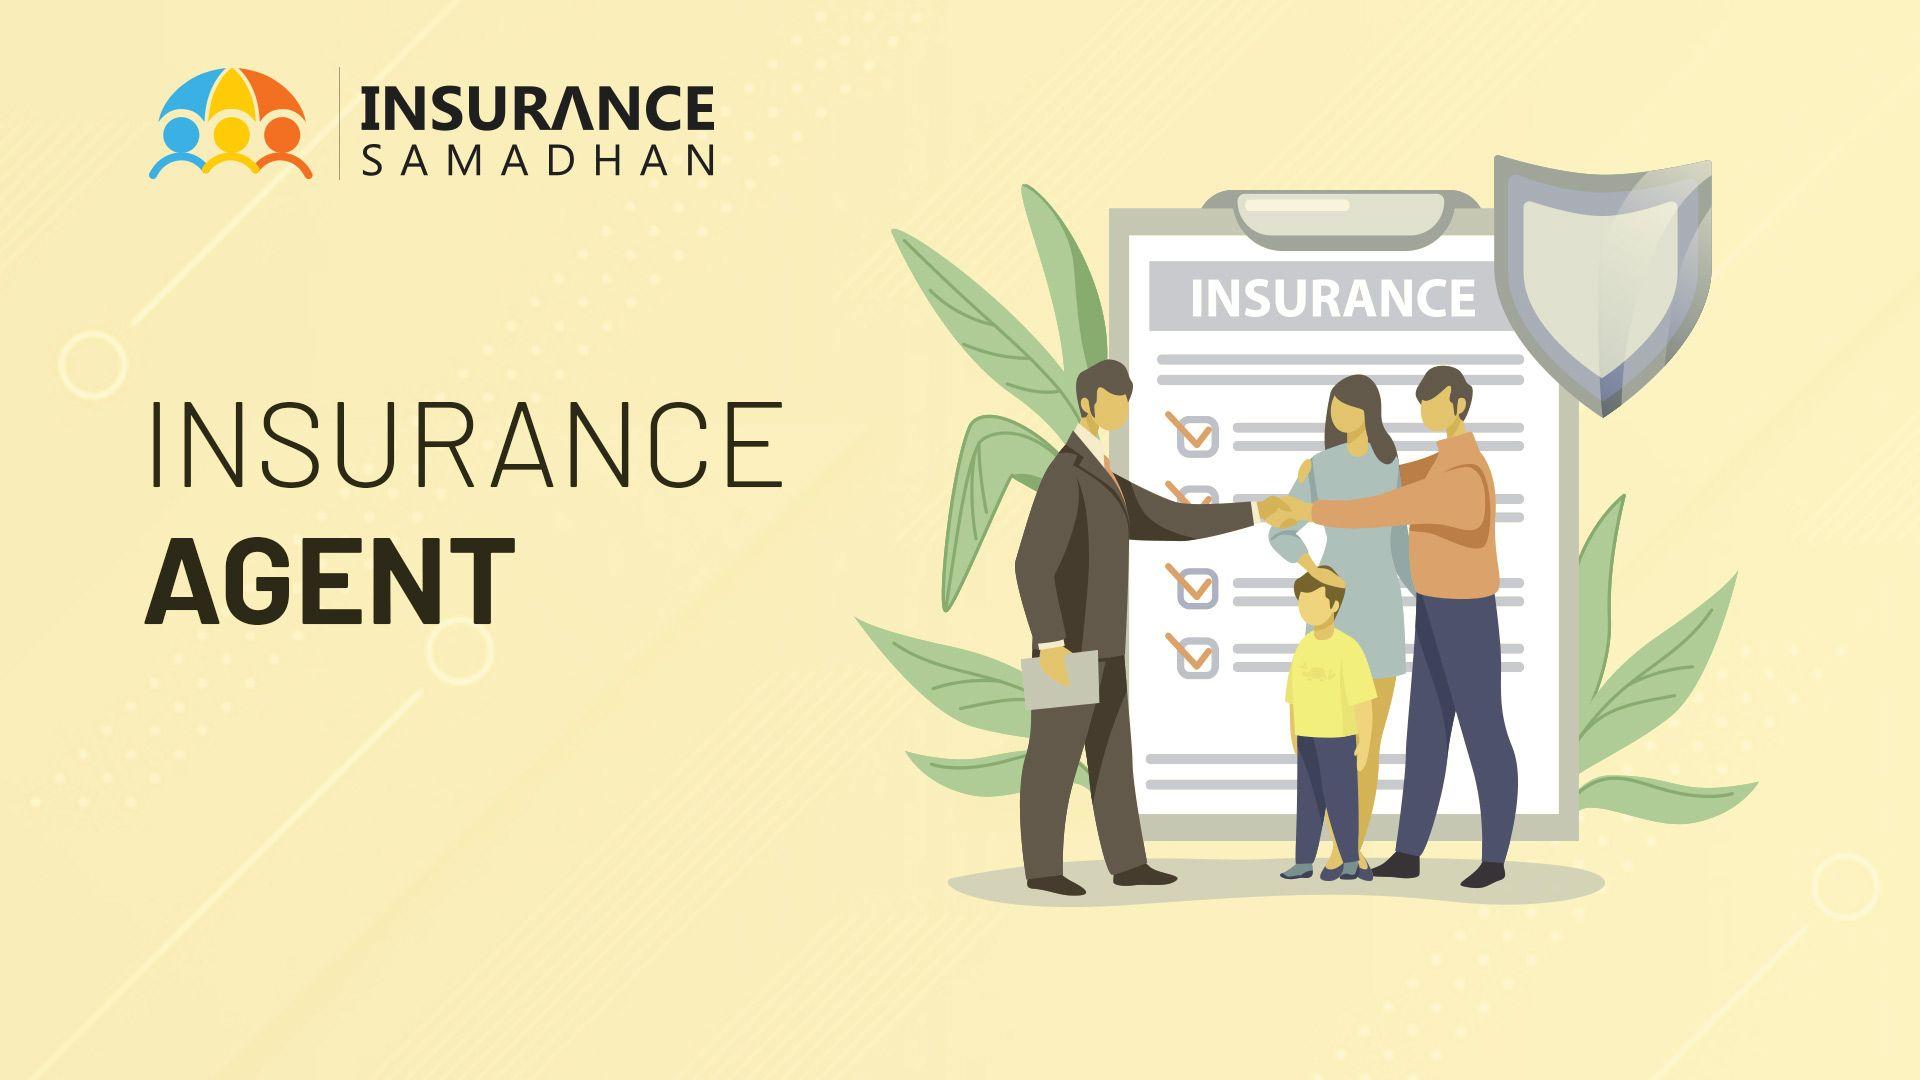 Insurance Samadhan